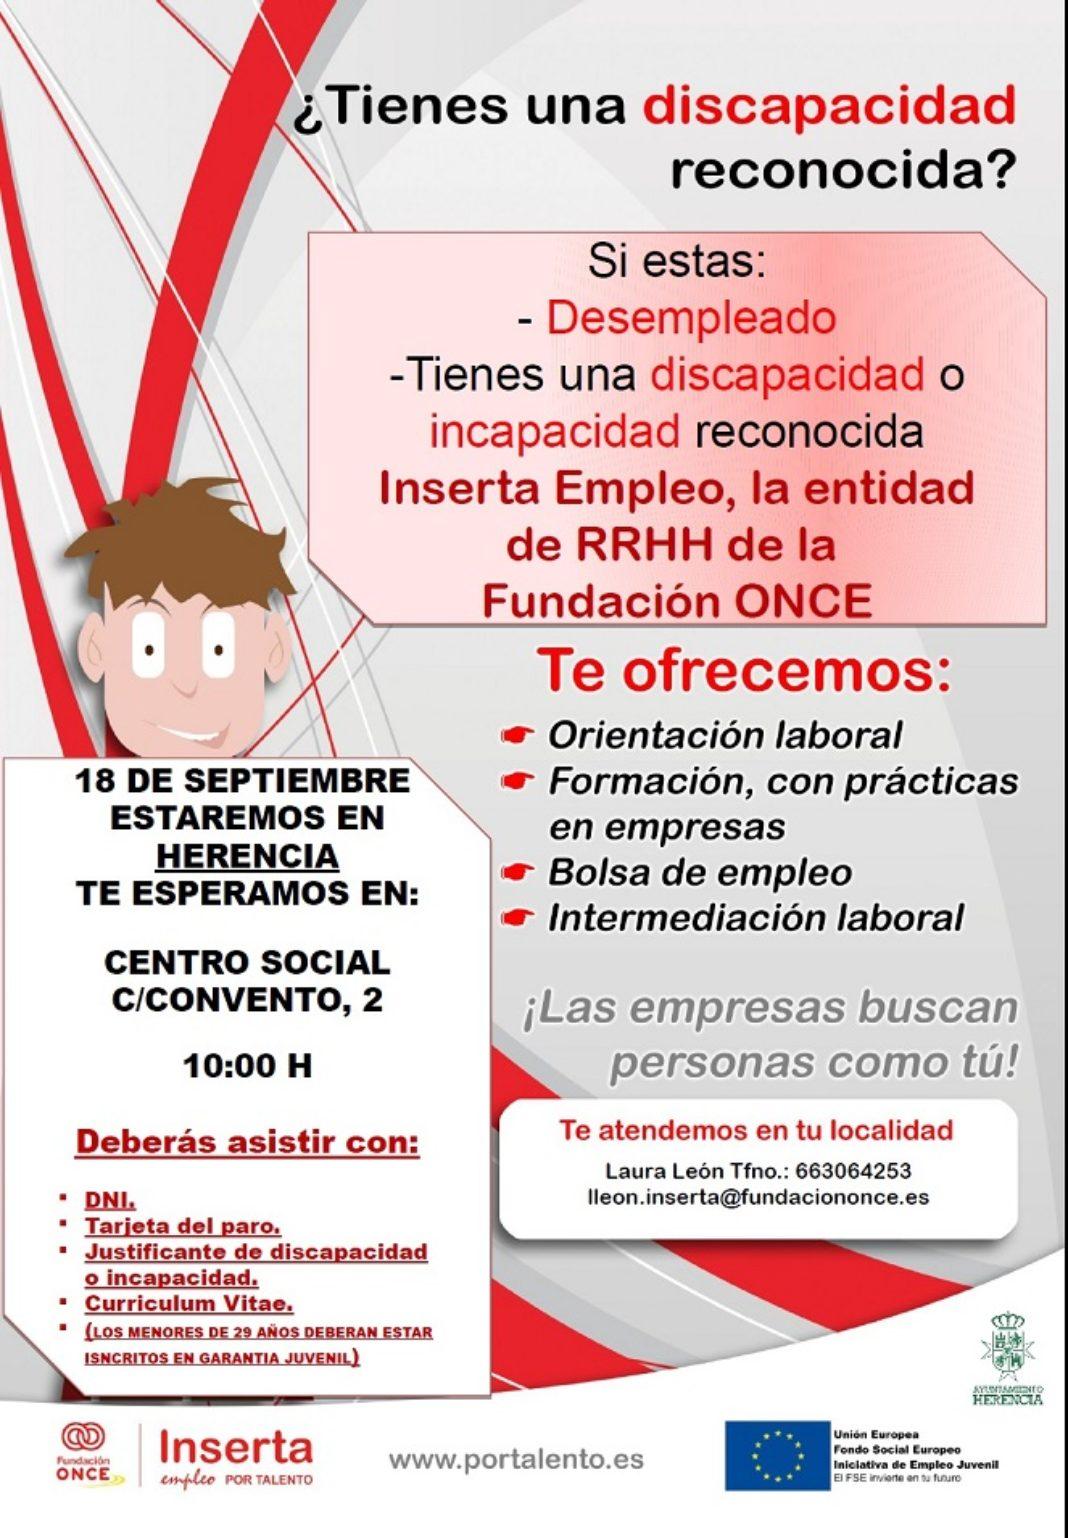 Sesión informativa de empleo y formación para personas con discapacidad o incapacidad reconocida 4